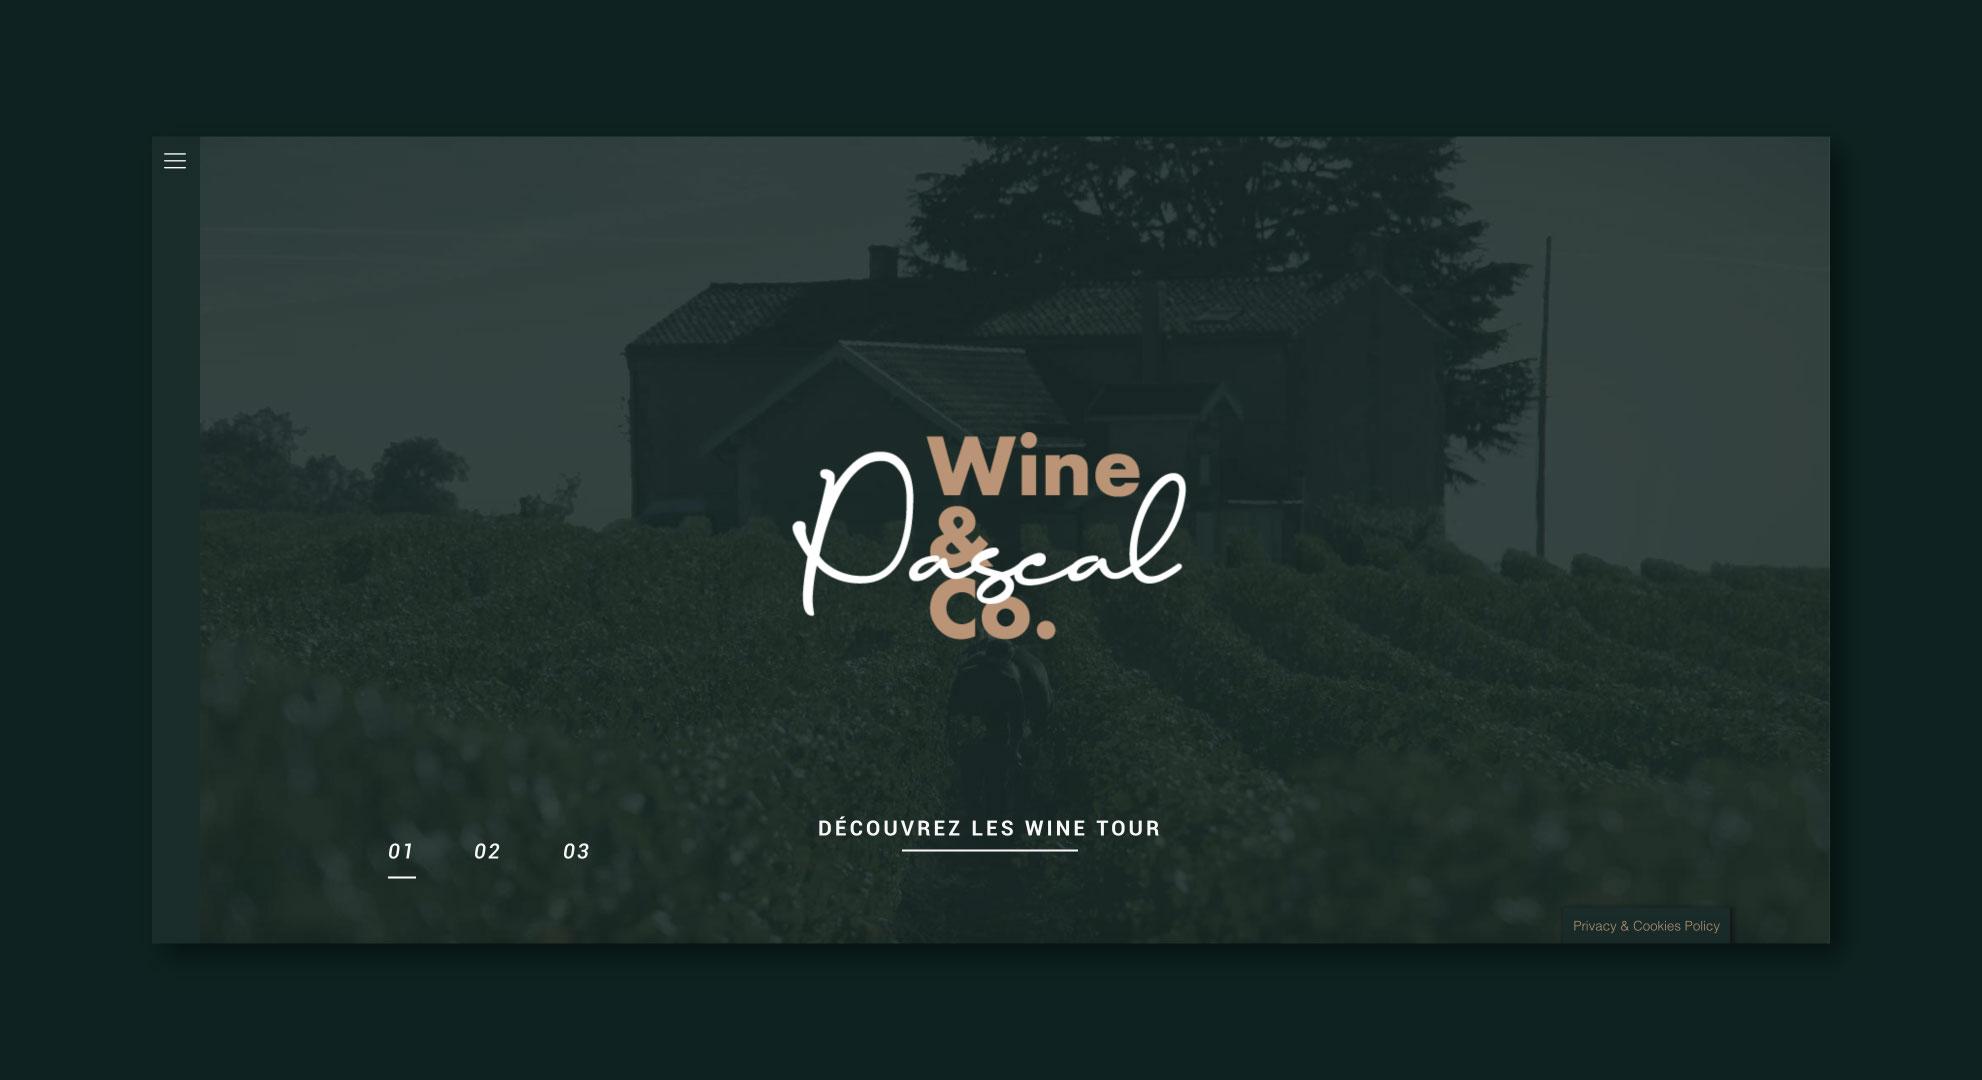 La Home Page du site web